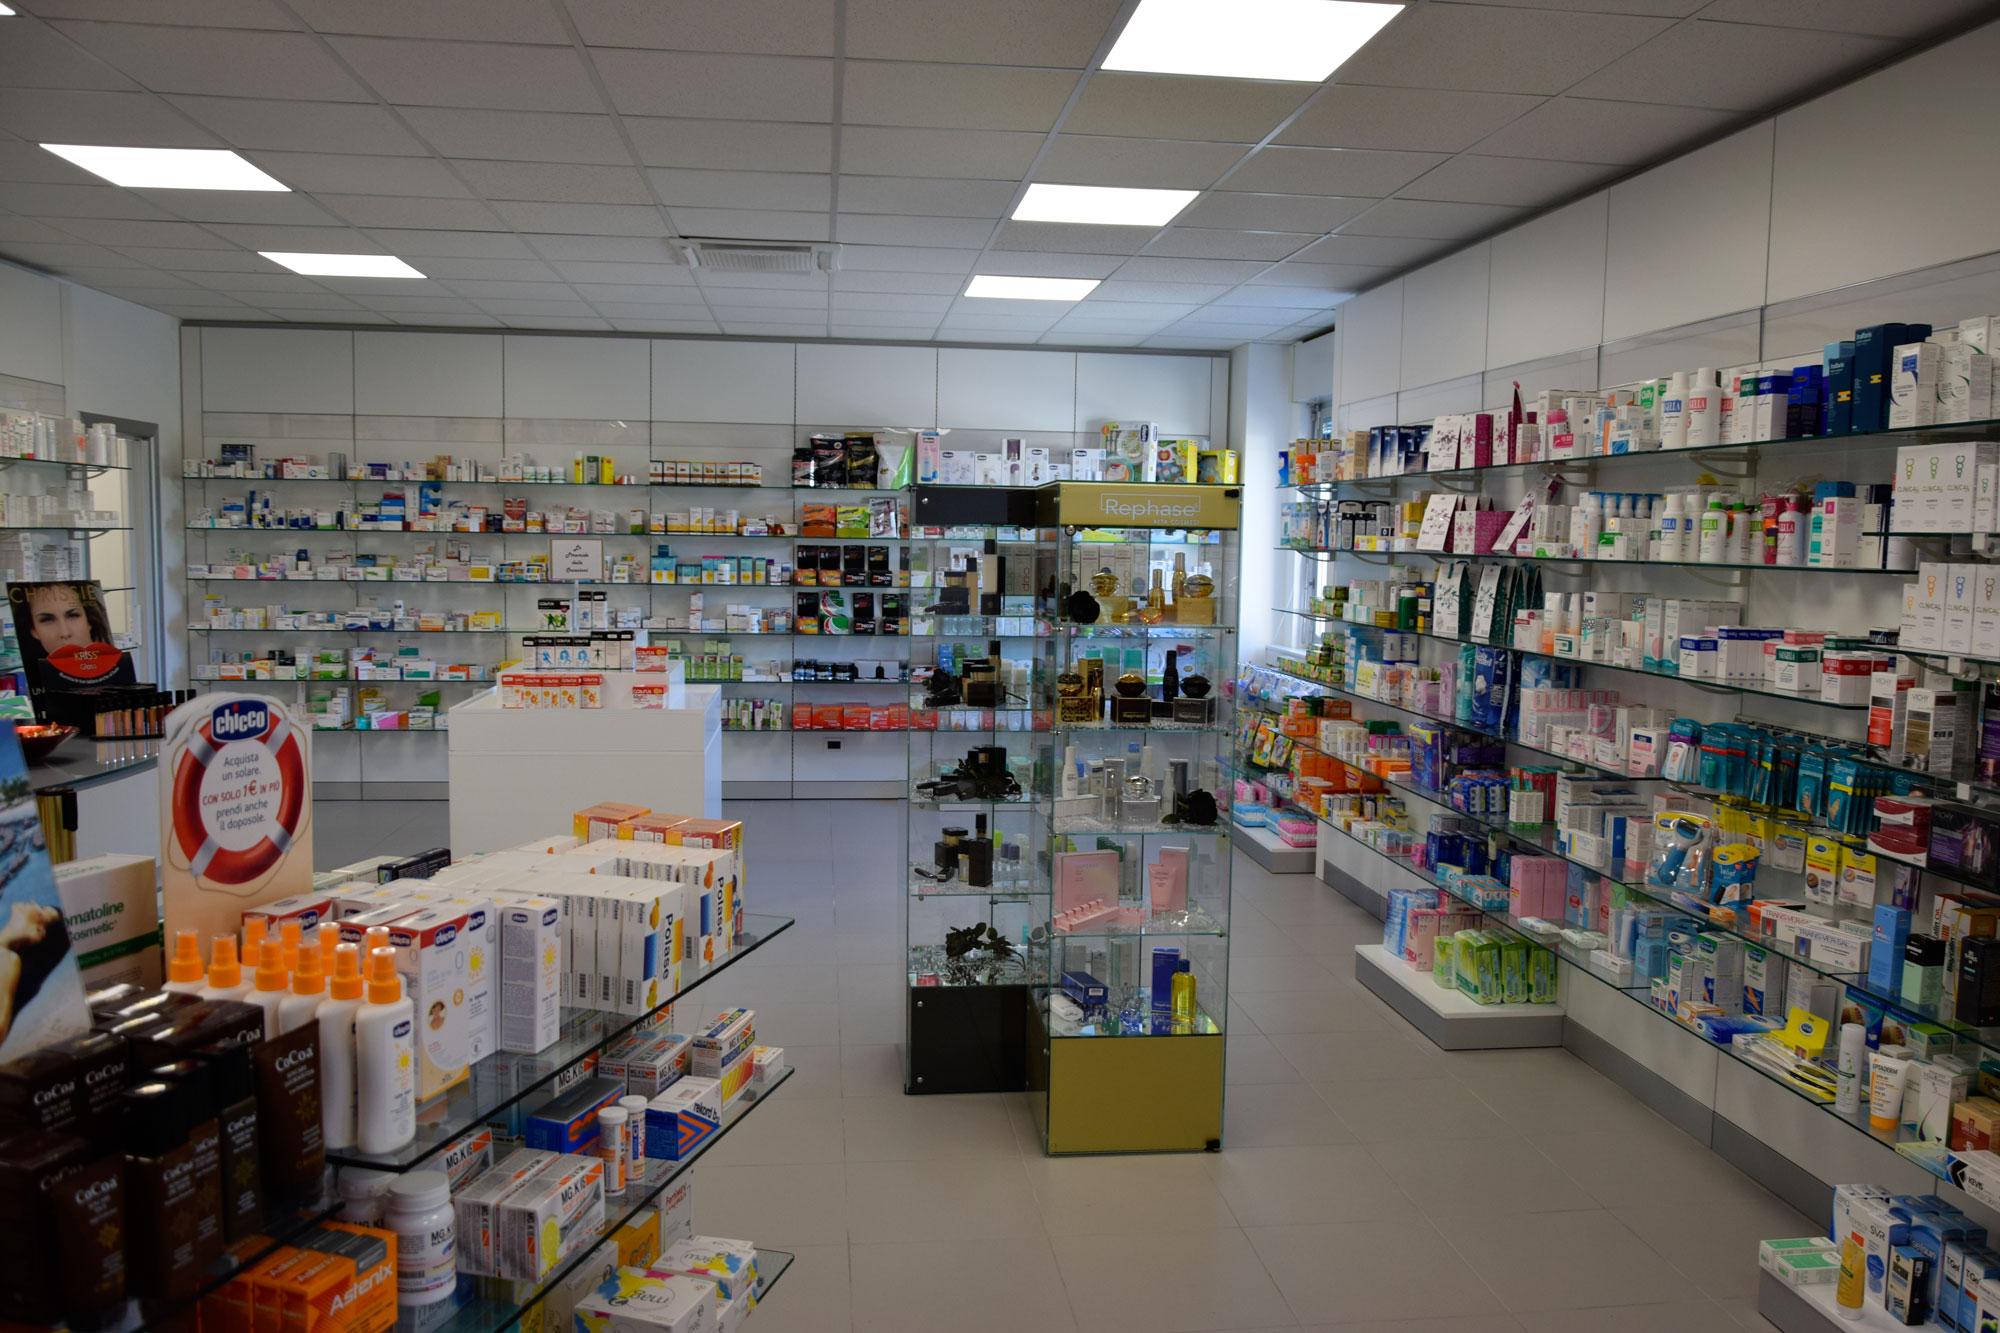 Iss: da domani entra in vigore il nuovo sistema per le ricette dei farmaci